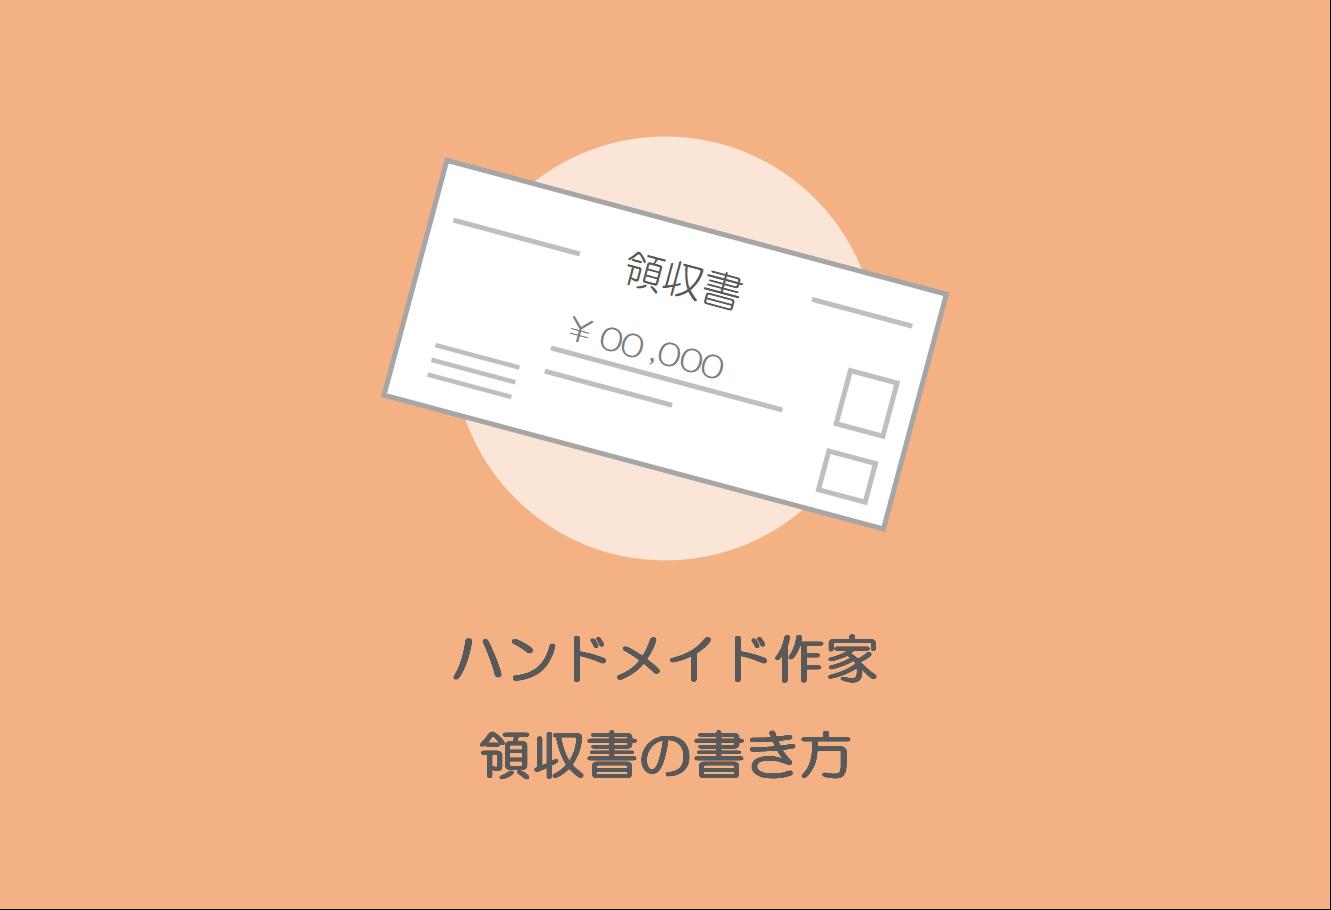 ハンドメイド販売イベントで必要な領収書の書き方【NG例あり】